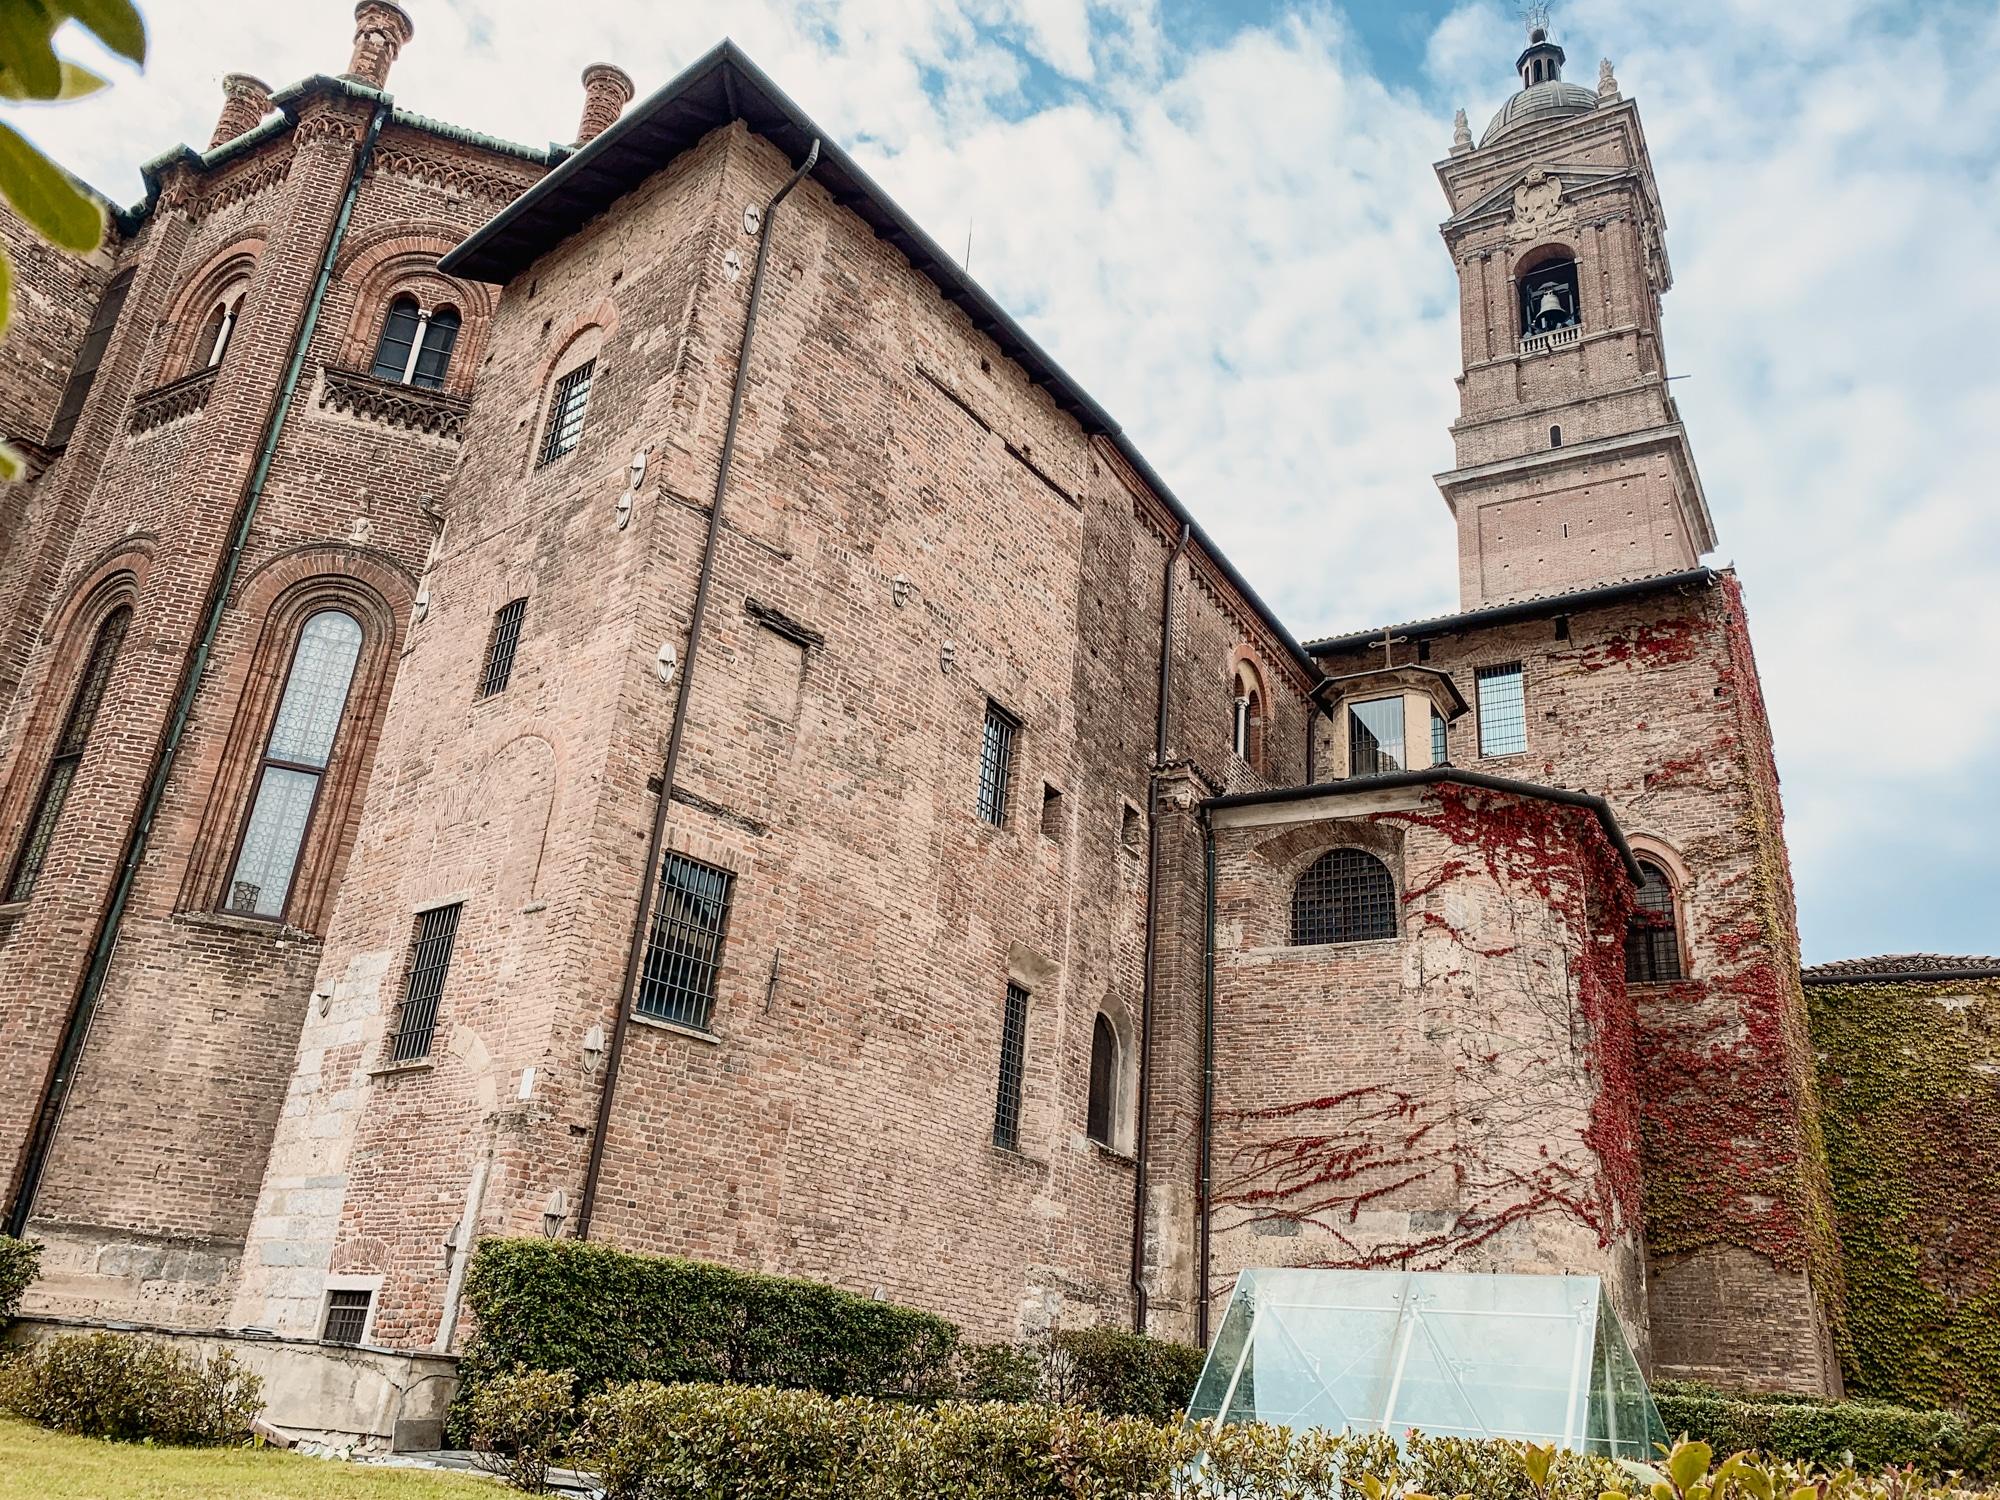 Monza und Brianza: Sehenswürdigkeiten und Highlights in der Lombardei - Monza Kirche in der Altstadt